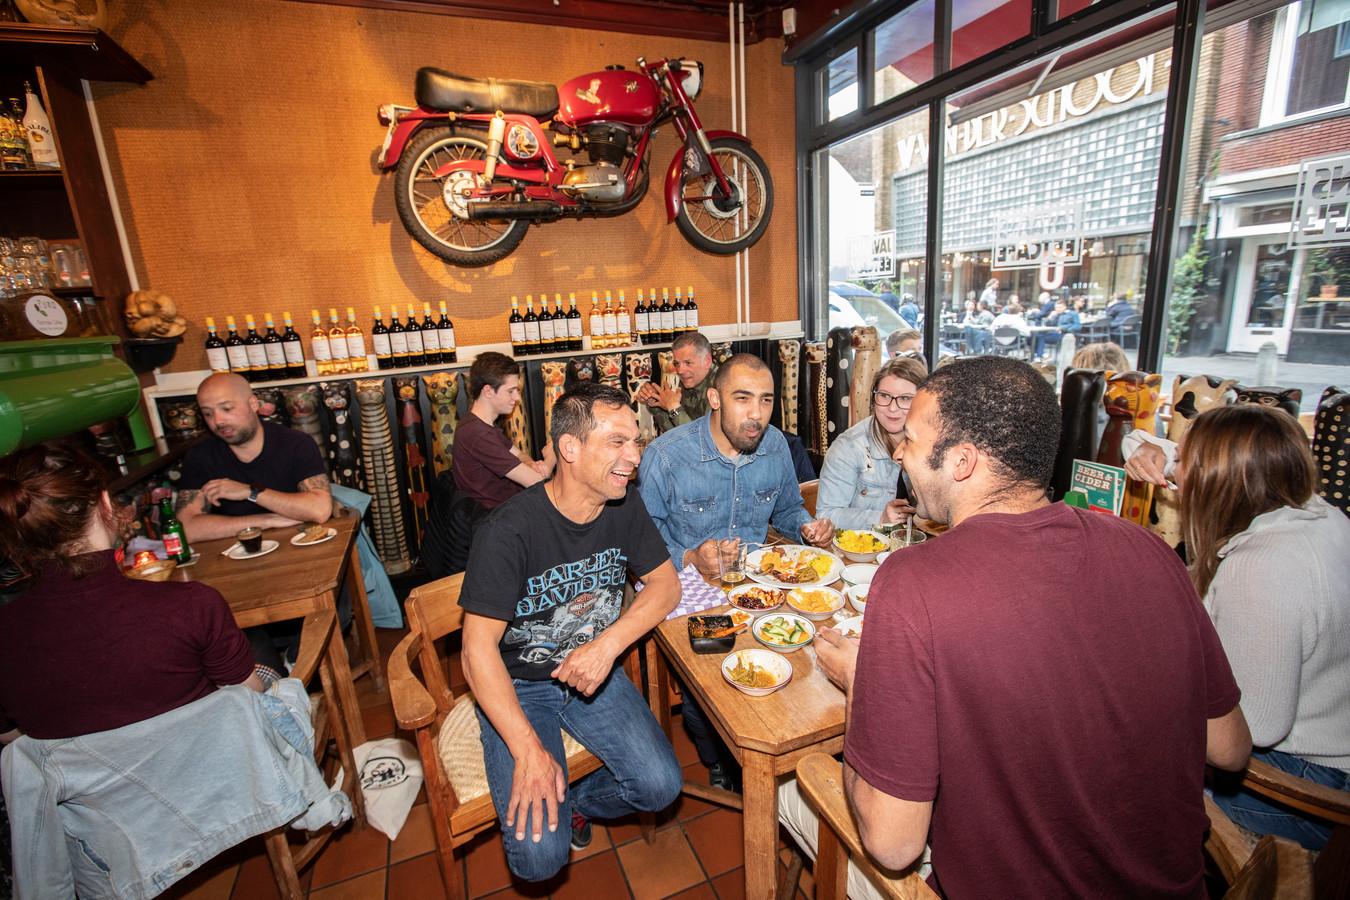 De eerste indruk: een sfeervolle chaos, met de uitstraling van een stoer, bruin café.